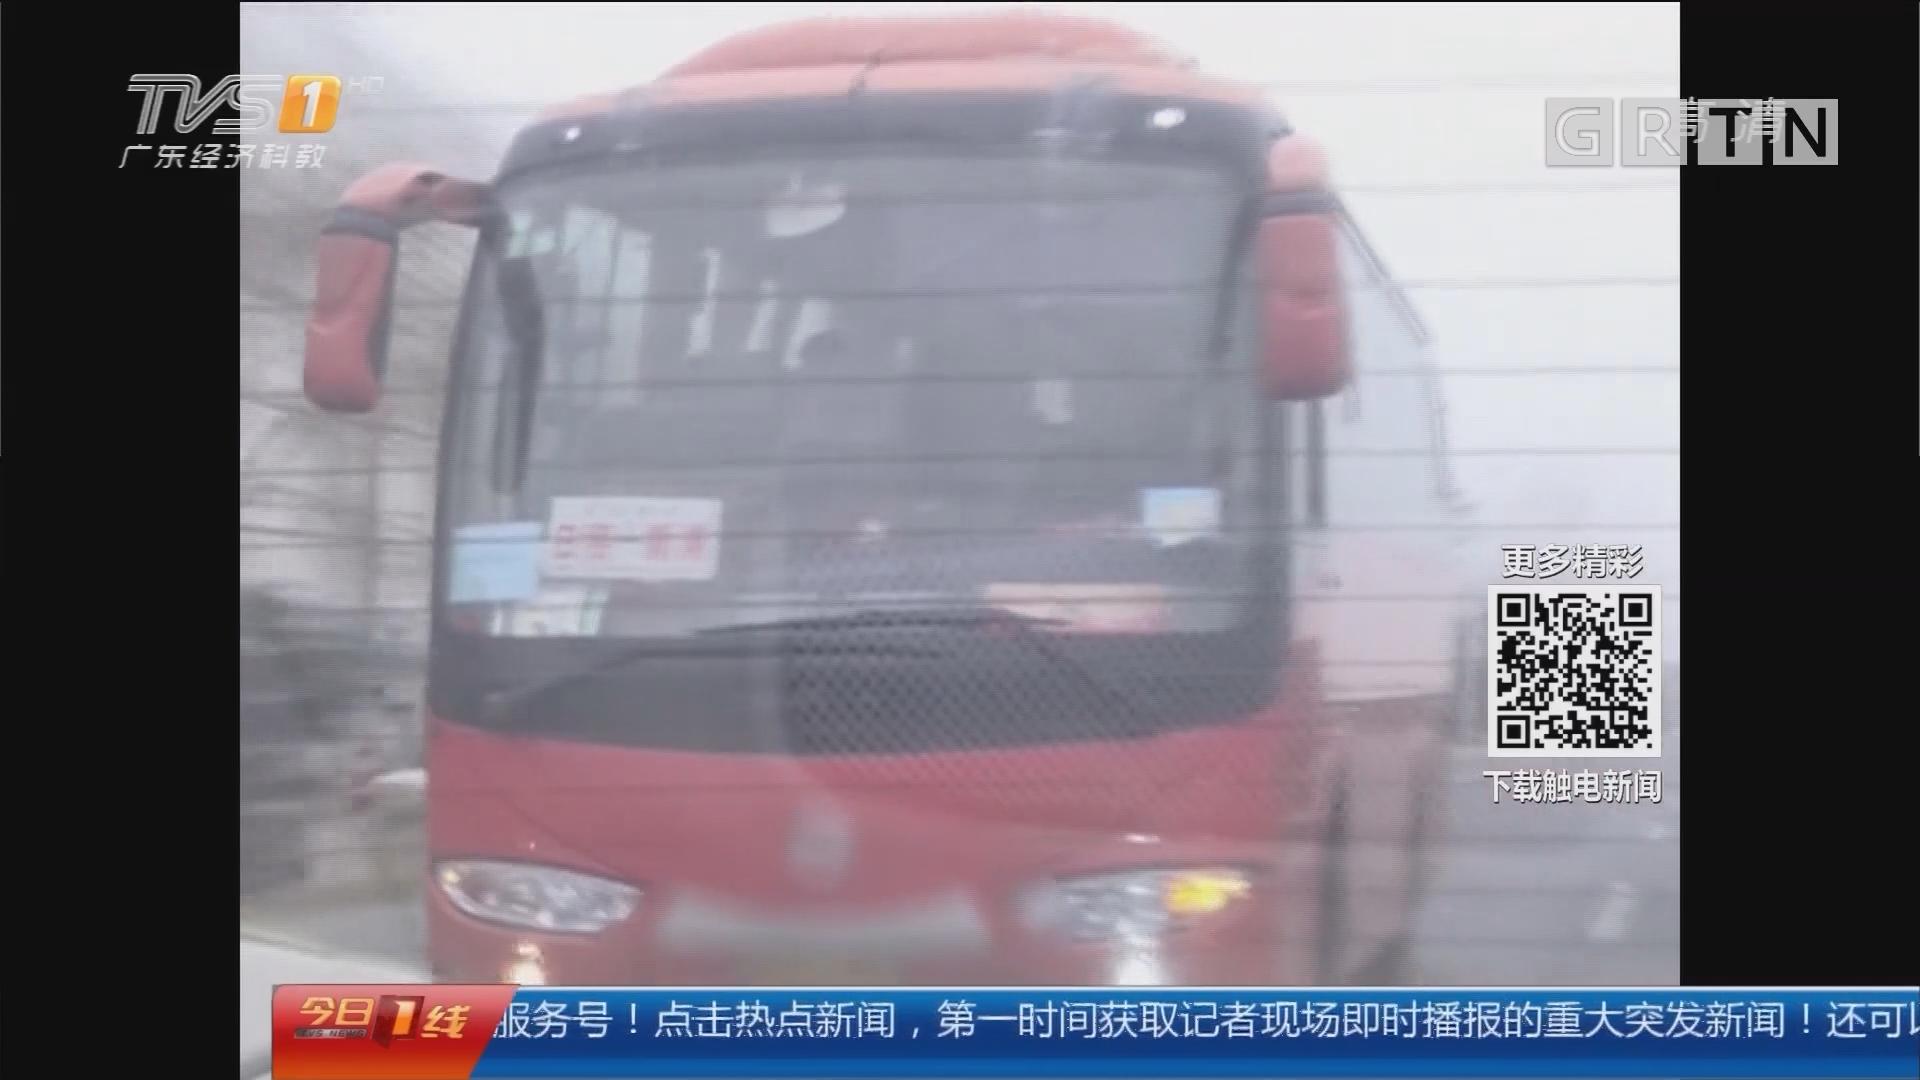 """江苏连云港:""""路怒症""""司机 国道狂飙逼停轿车"""